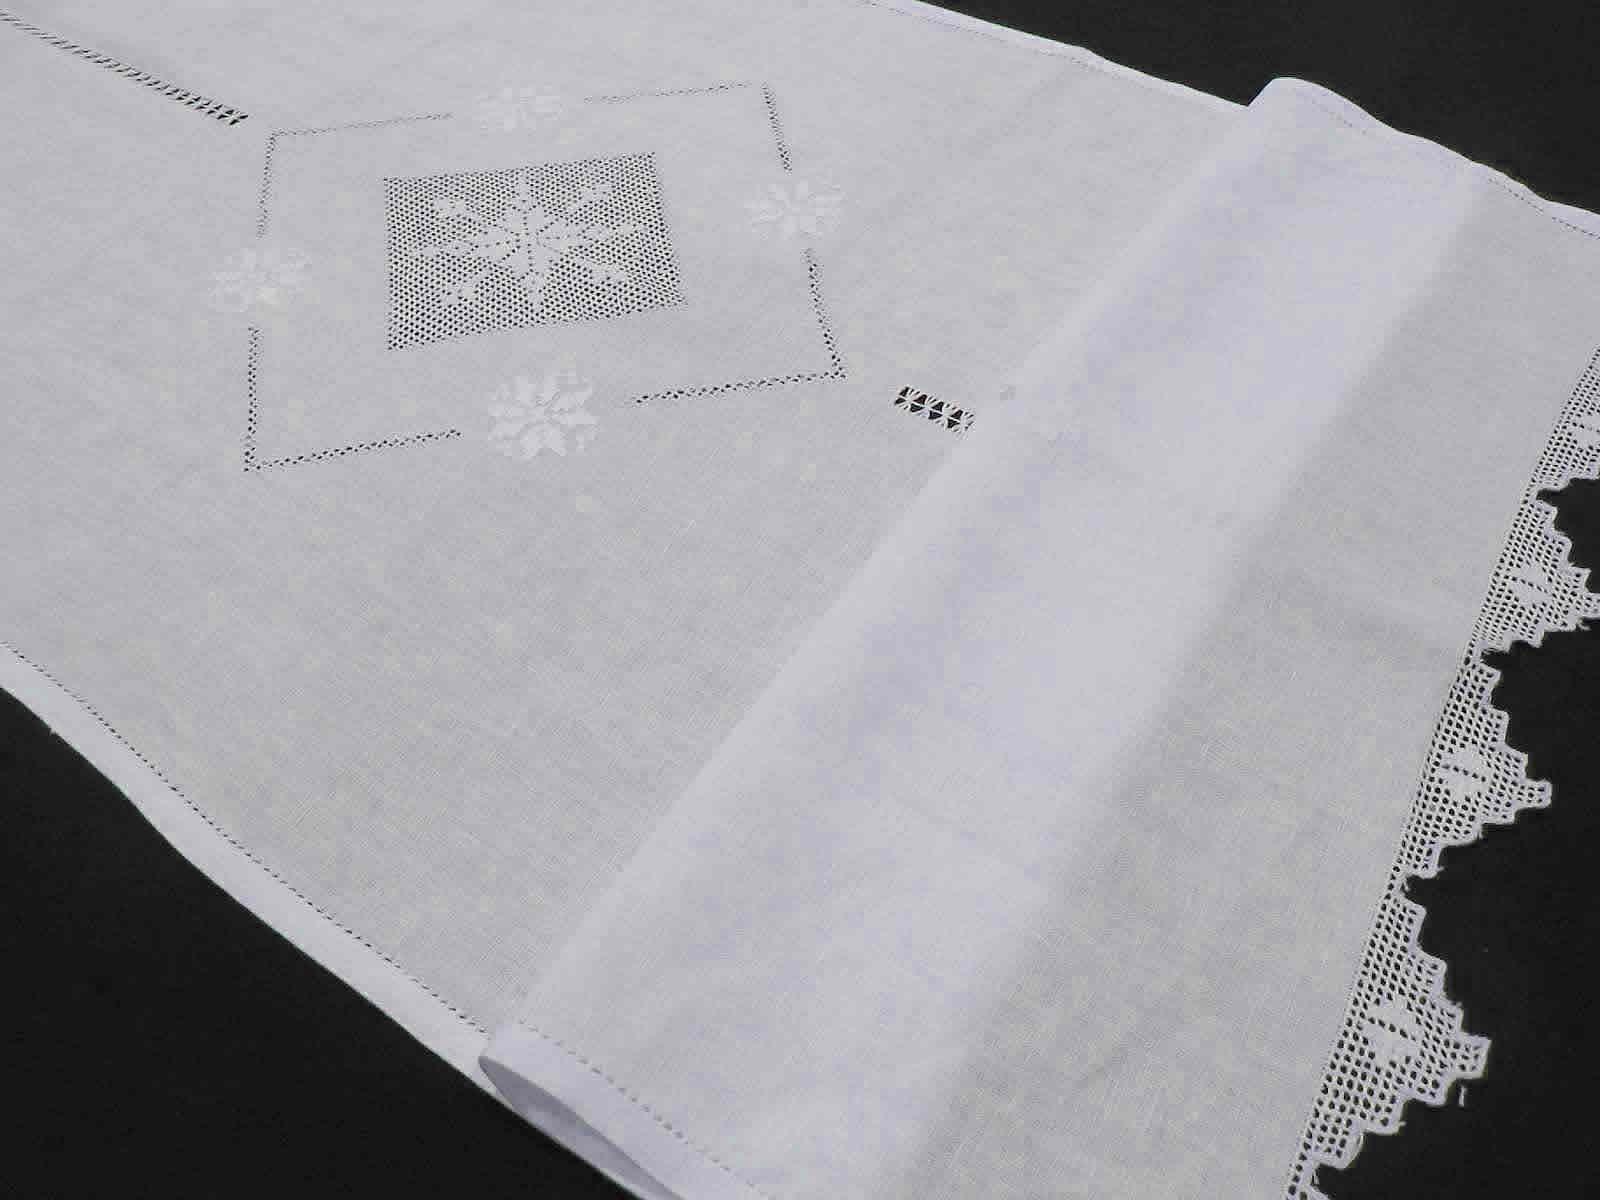 Cortina de Lino Grueso en blanco con un dibujo bodado en filtir de Rombos con vainica central y terminada en picos An siendo una corti